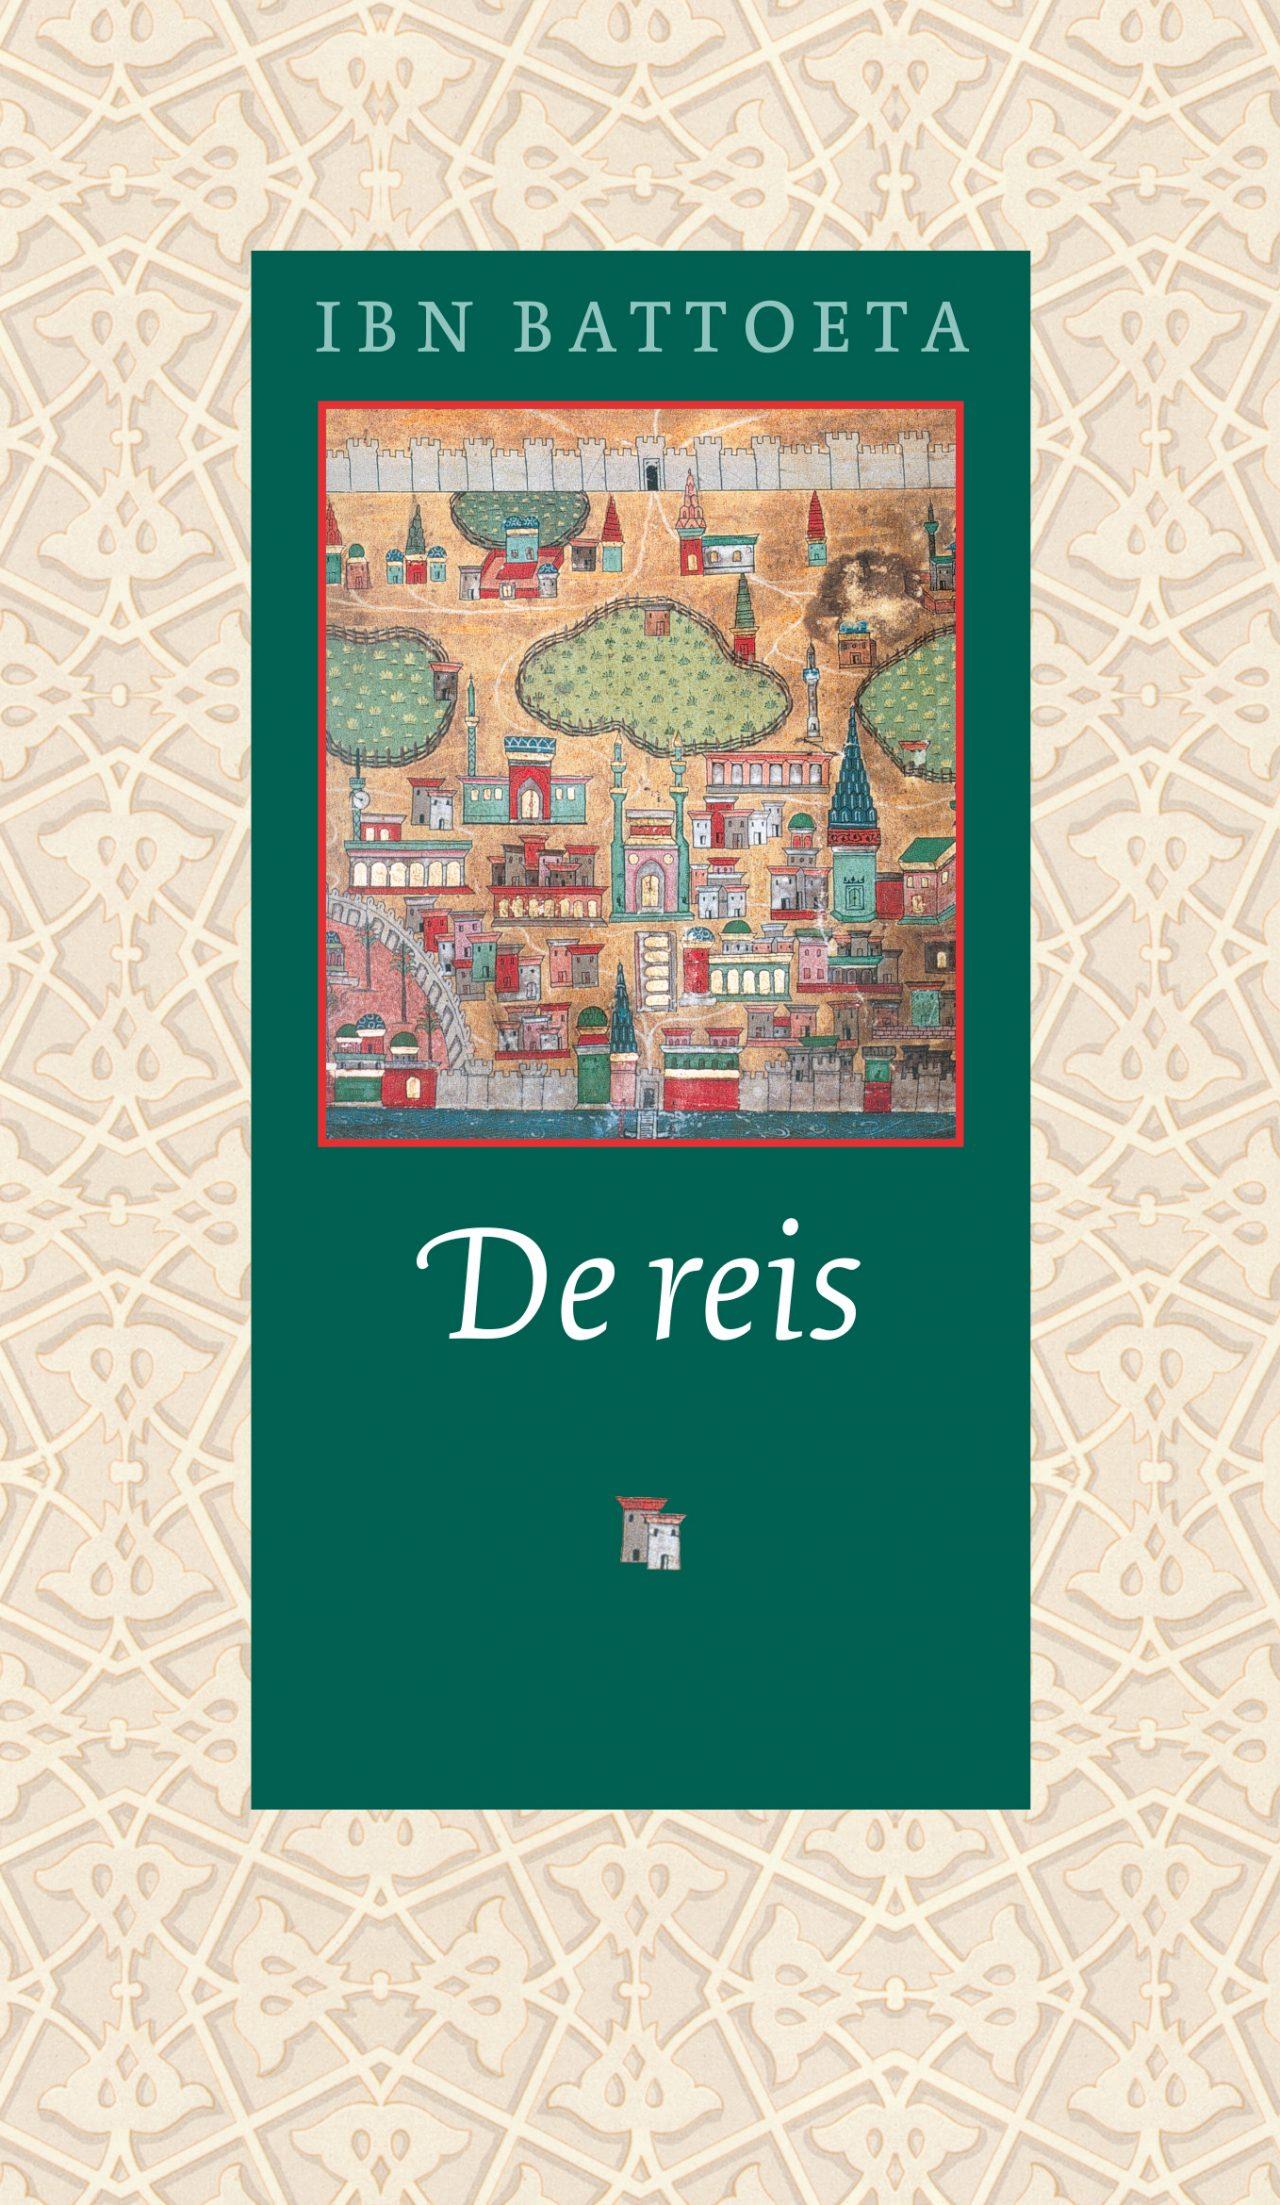 De Reis | Ibn Battoeta 9789054601845 Ibn Battoeta Bulaaq   Historische reisgidsen, Landeninformatie, Reisverhalen Wereld als geheel